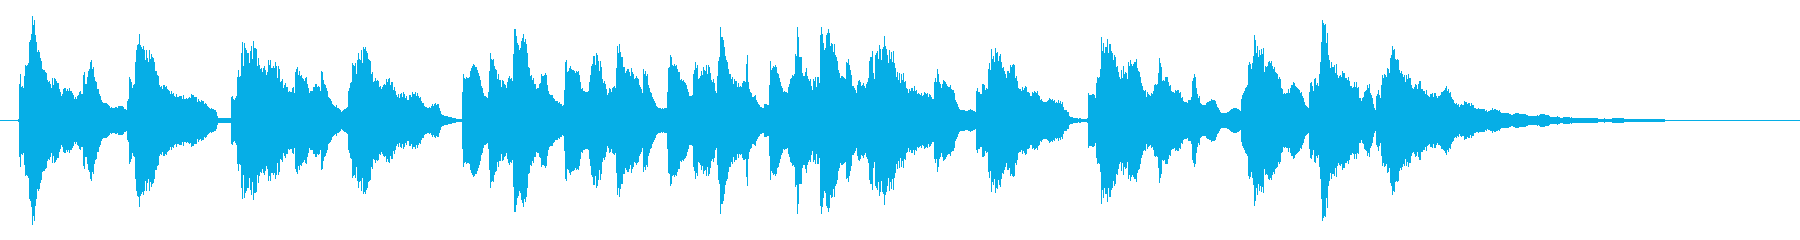 童謡「ぶんぶんぶん」欝アレンジ シンプルの再生済みの波形